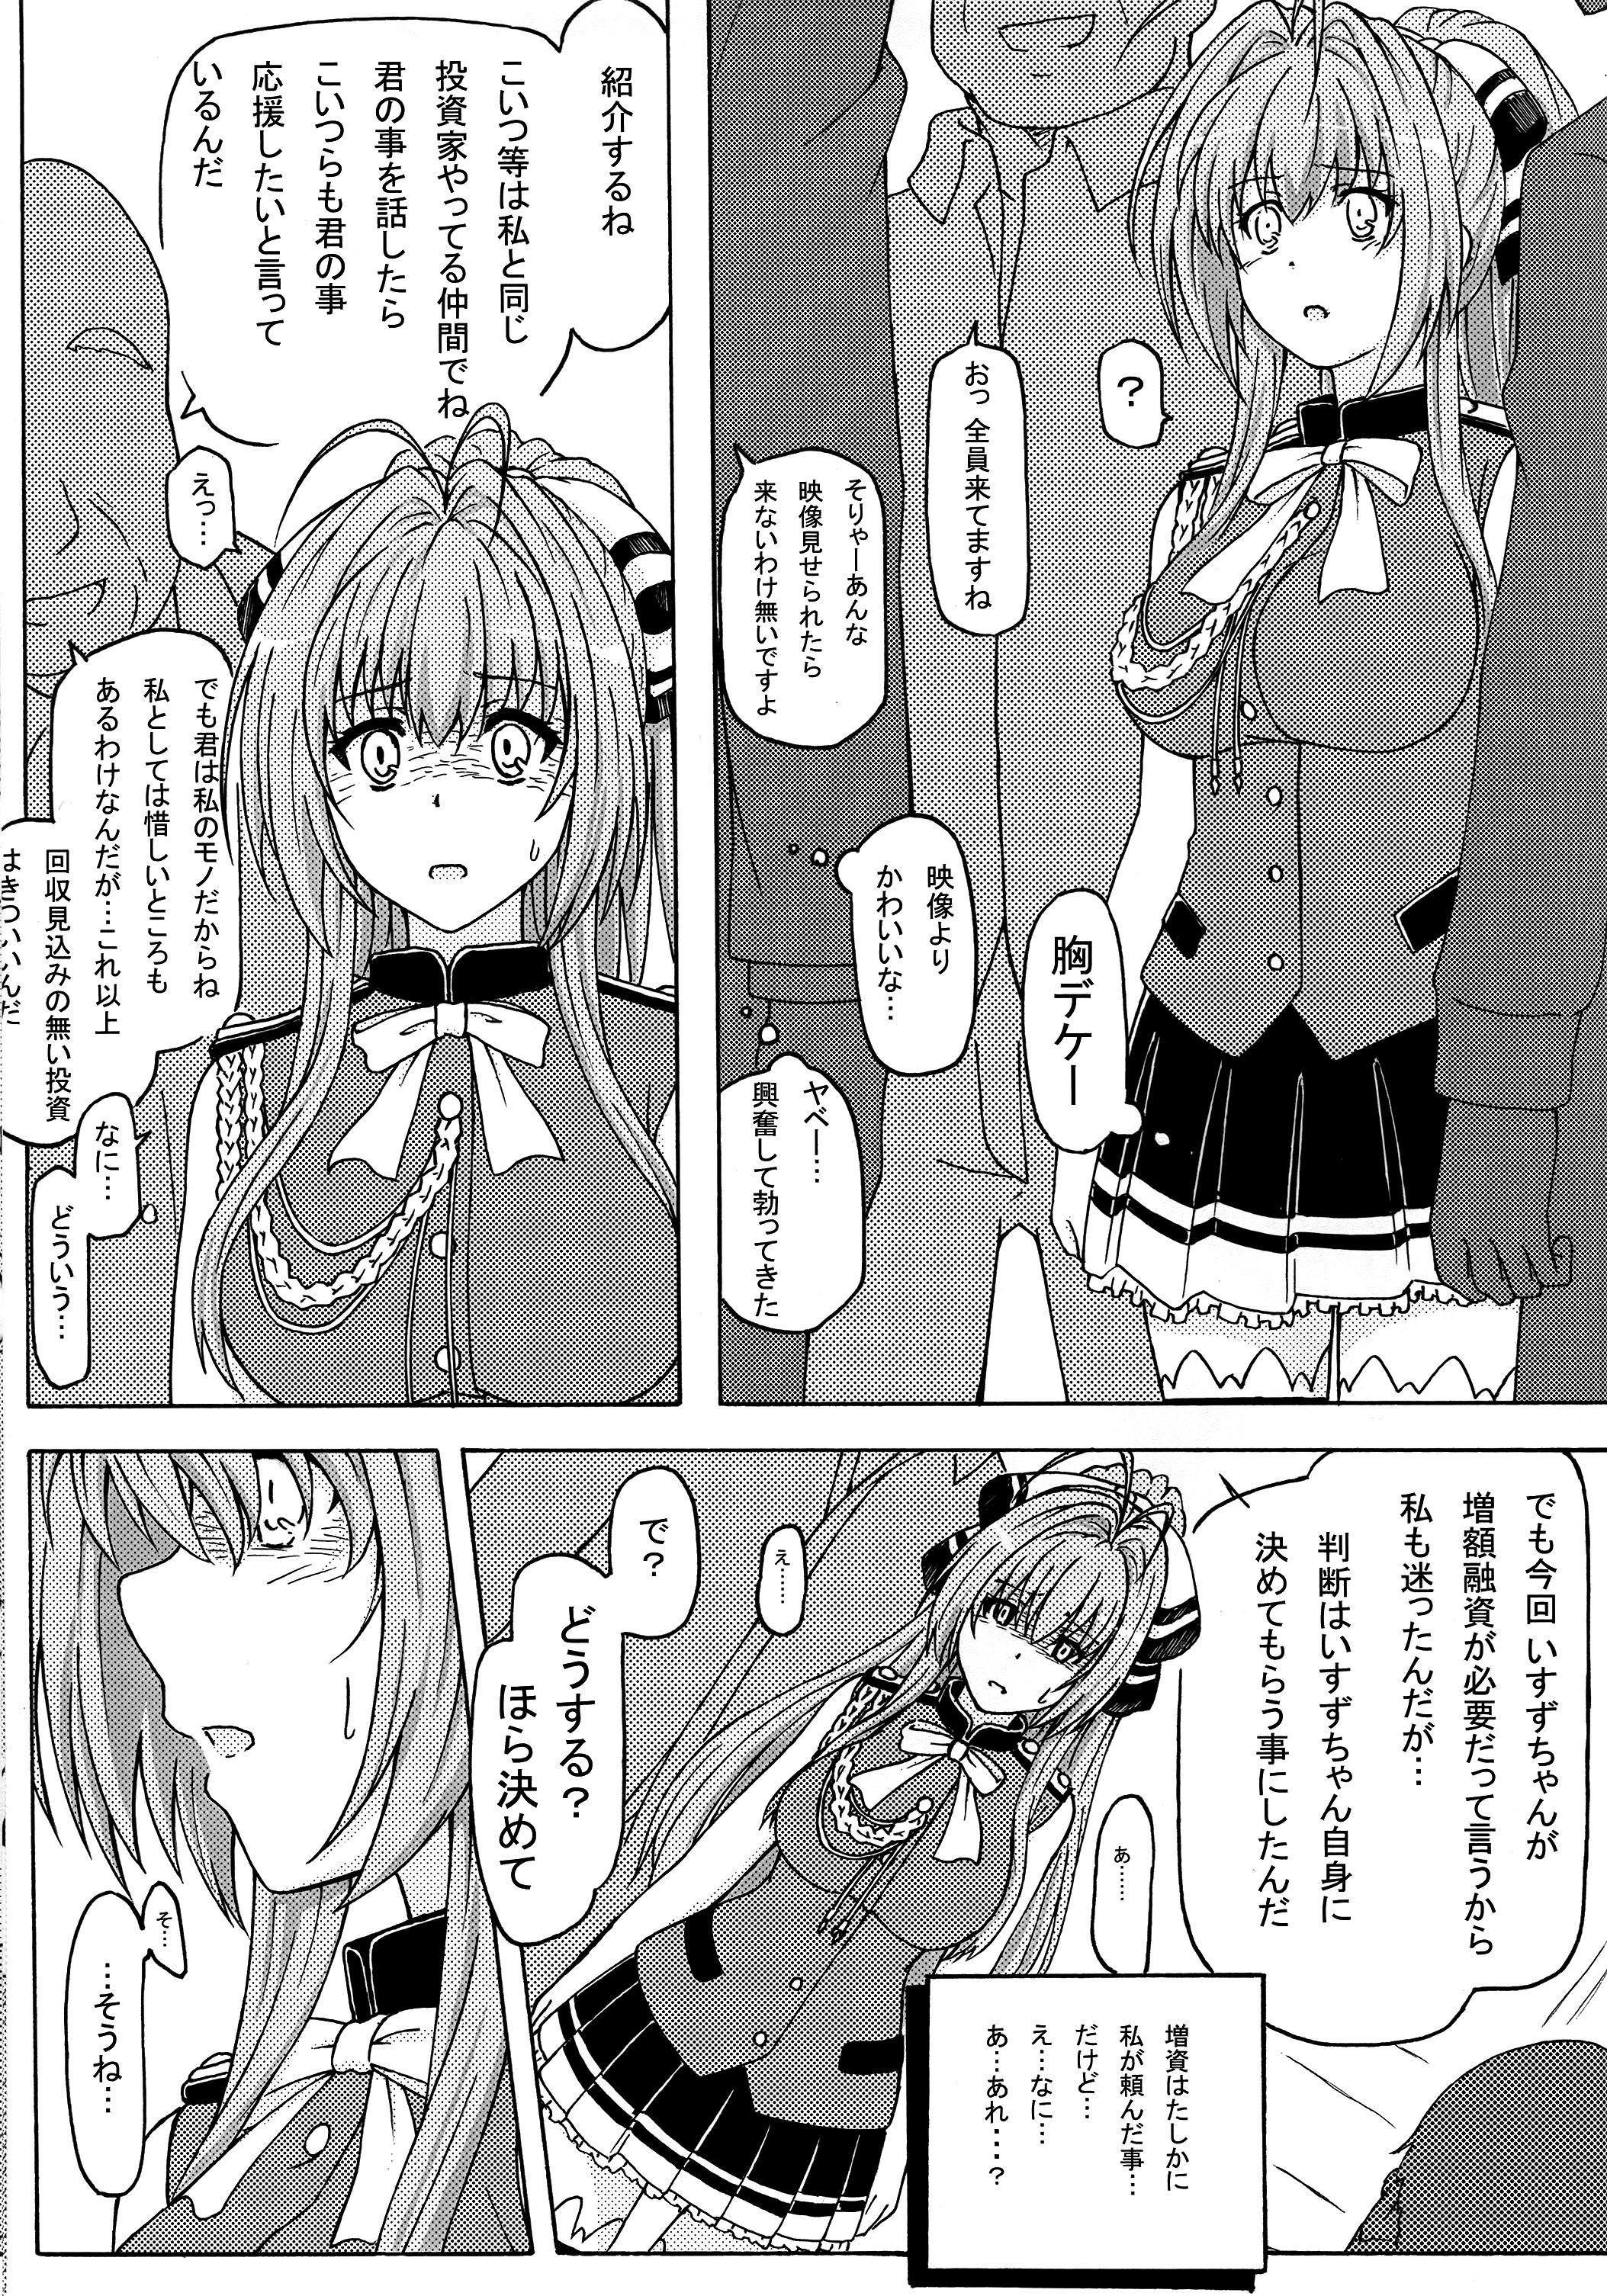 Sento Isuzu no Hyoujou ga Harenai Hontou no Riyuu 16